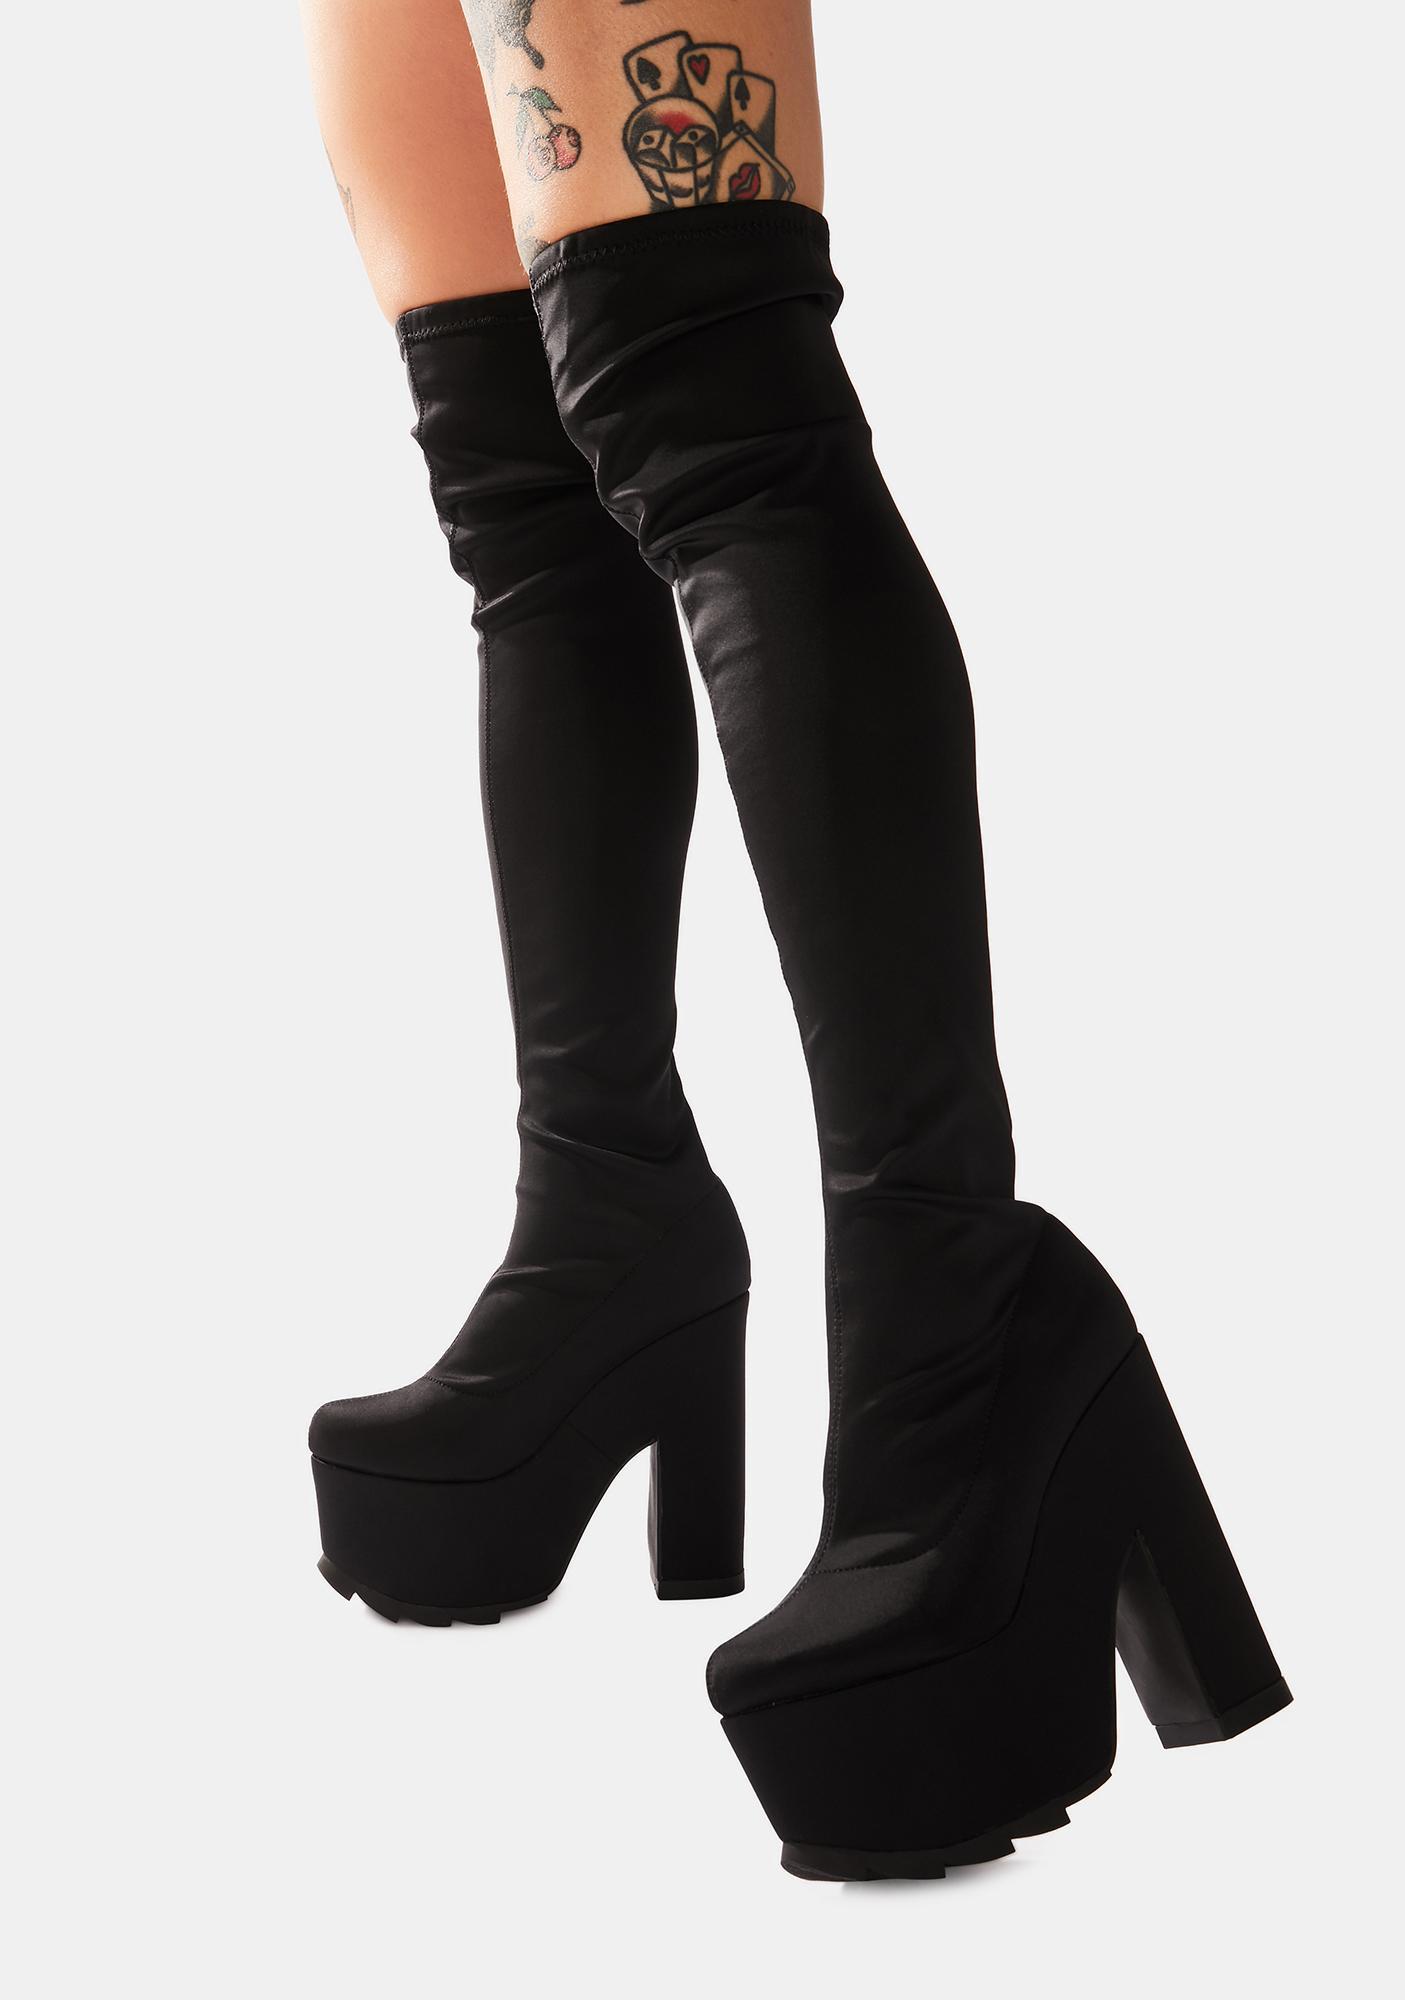 Y.R.U. Labyrinth Thigh High Platform Boots